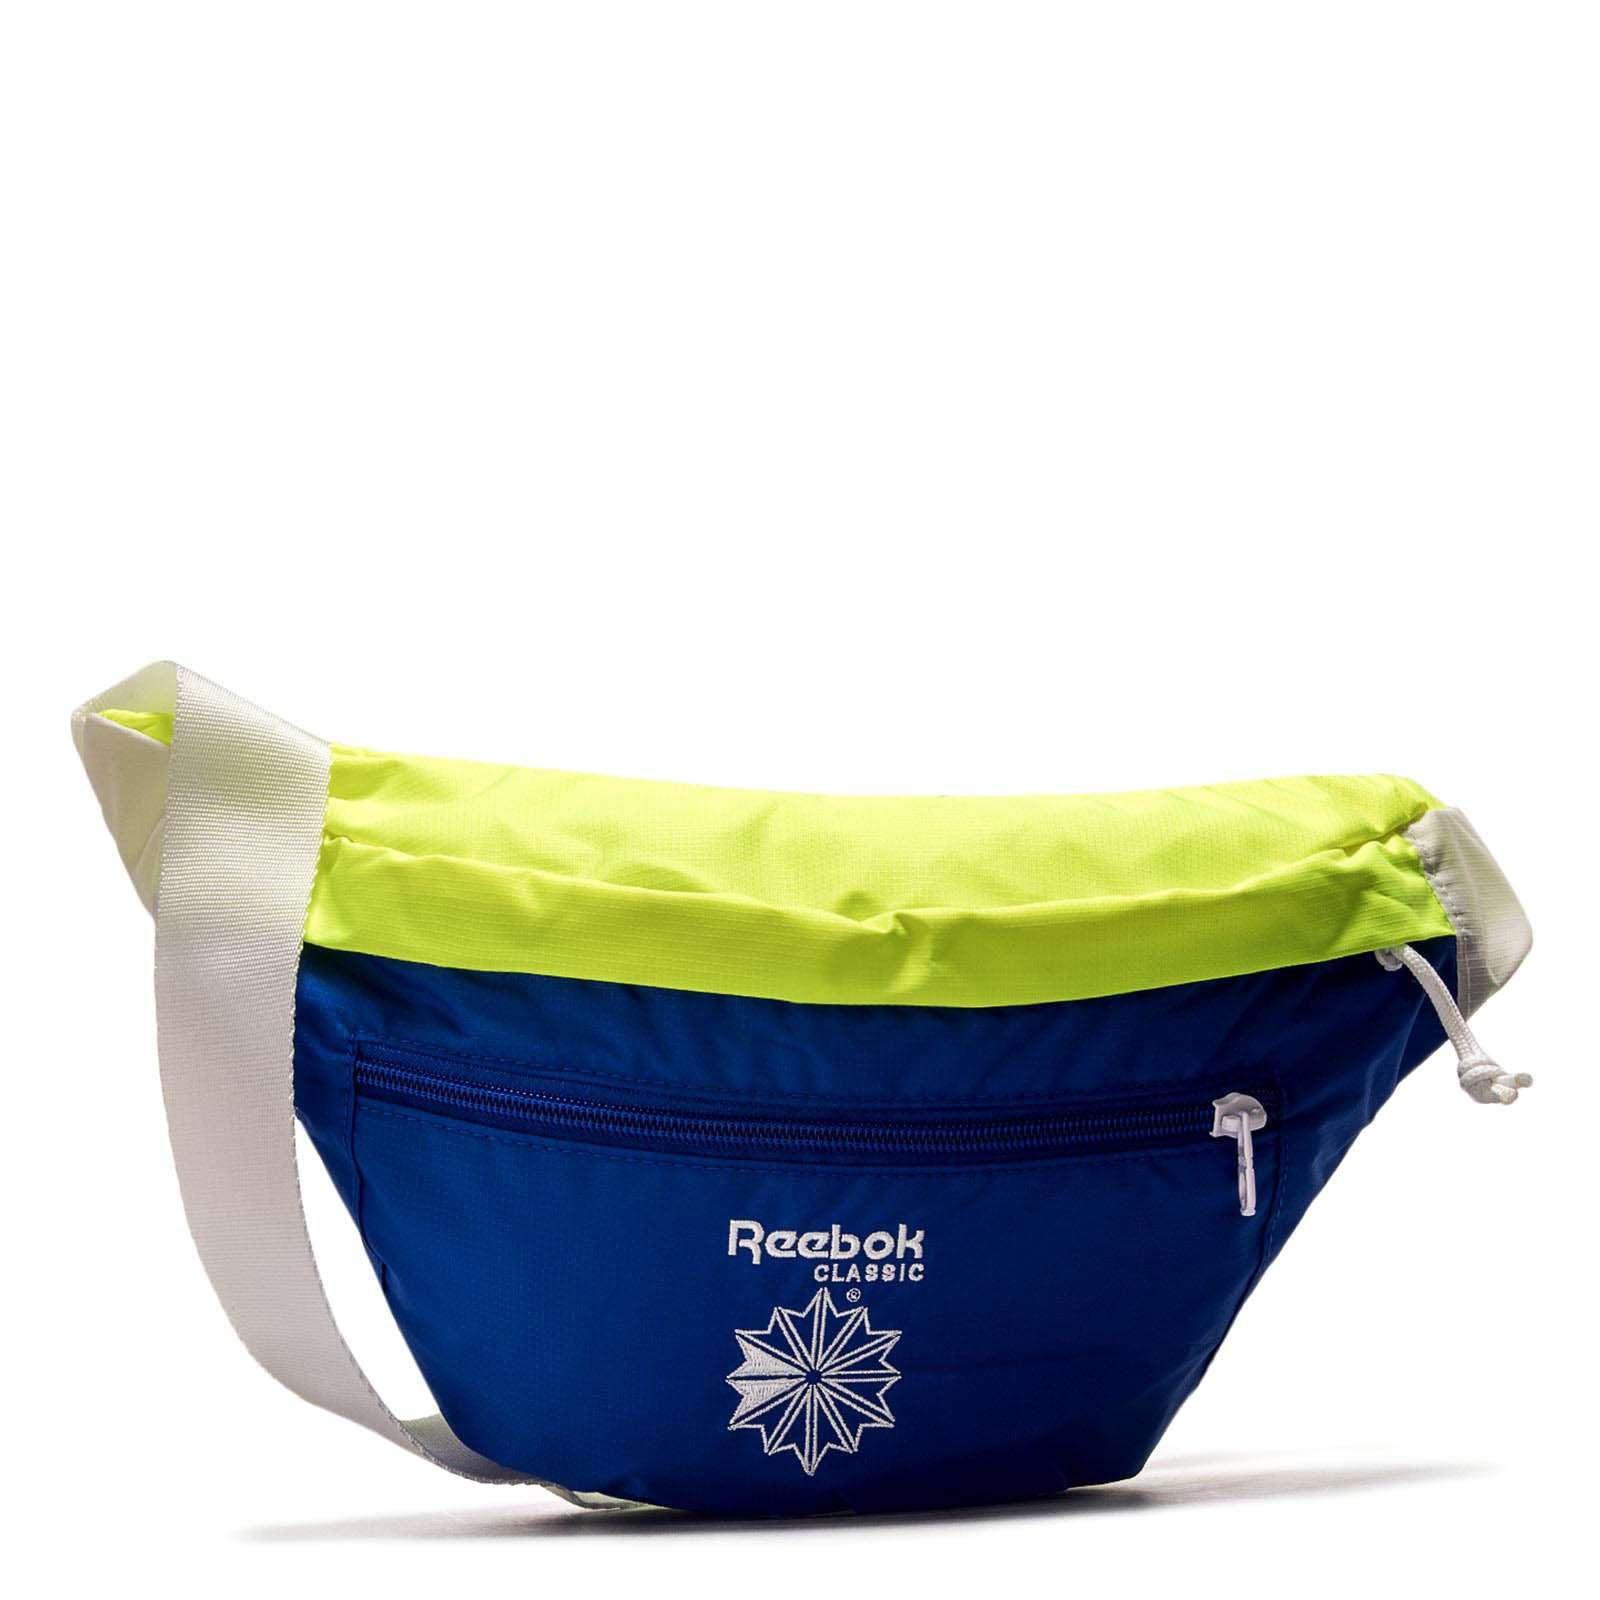 231b901ca16ec bunte Unisex Tasche von Reebok online kaufen ...